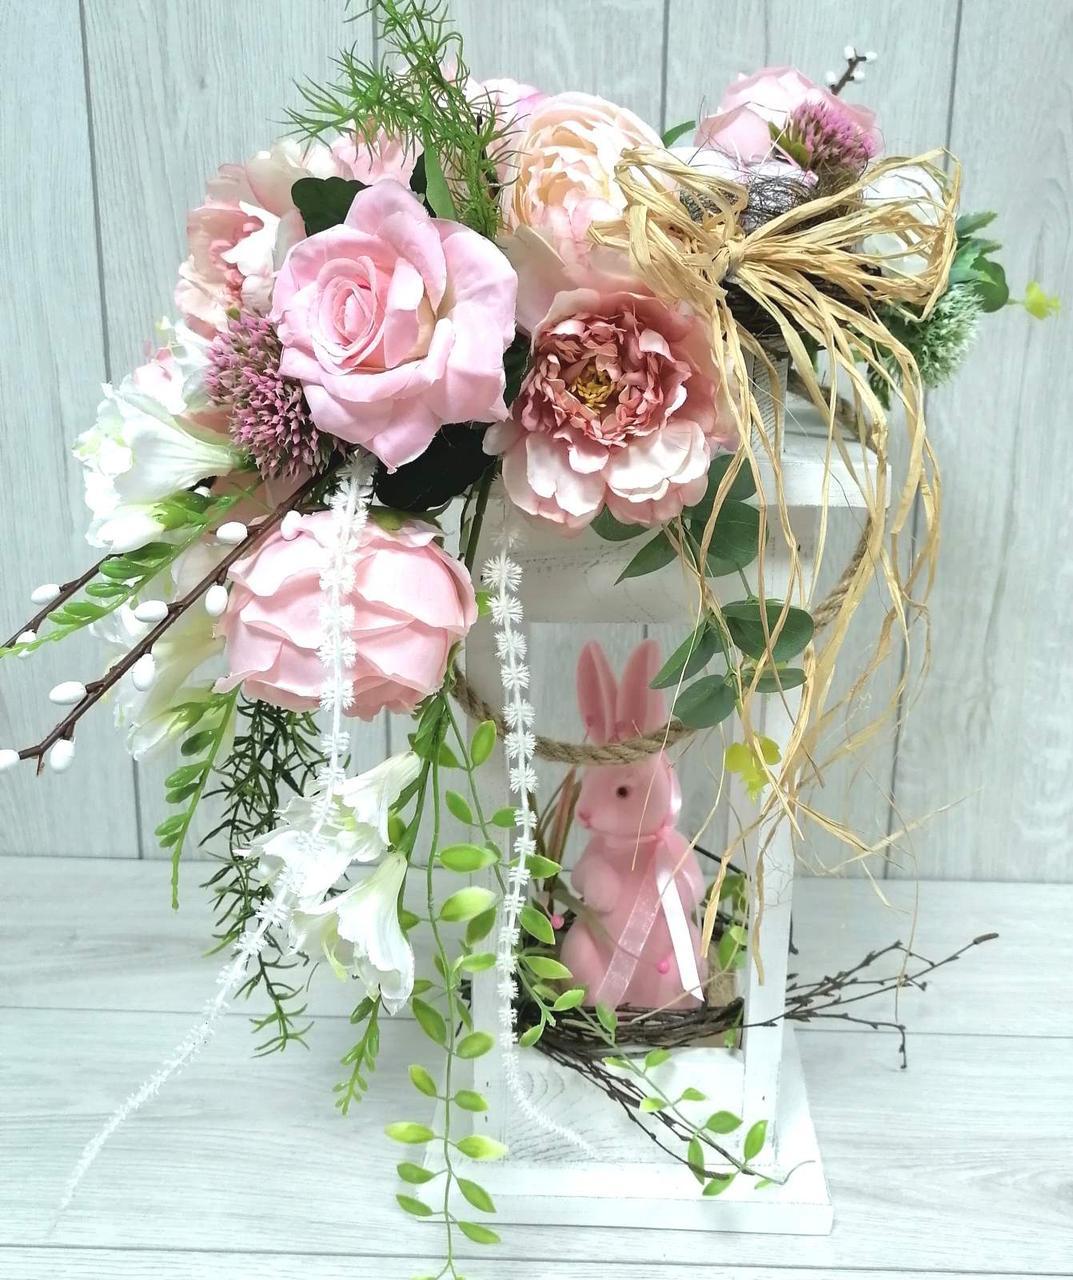 Весняна композиція в деревянному ліхтарі з рожевим зайцем